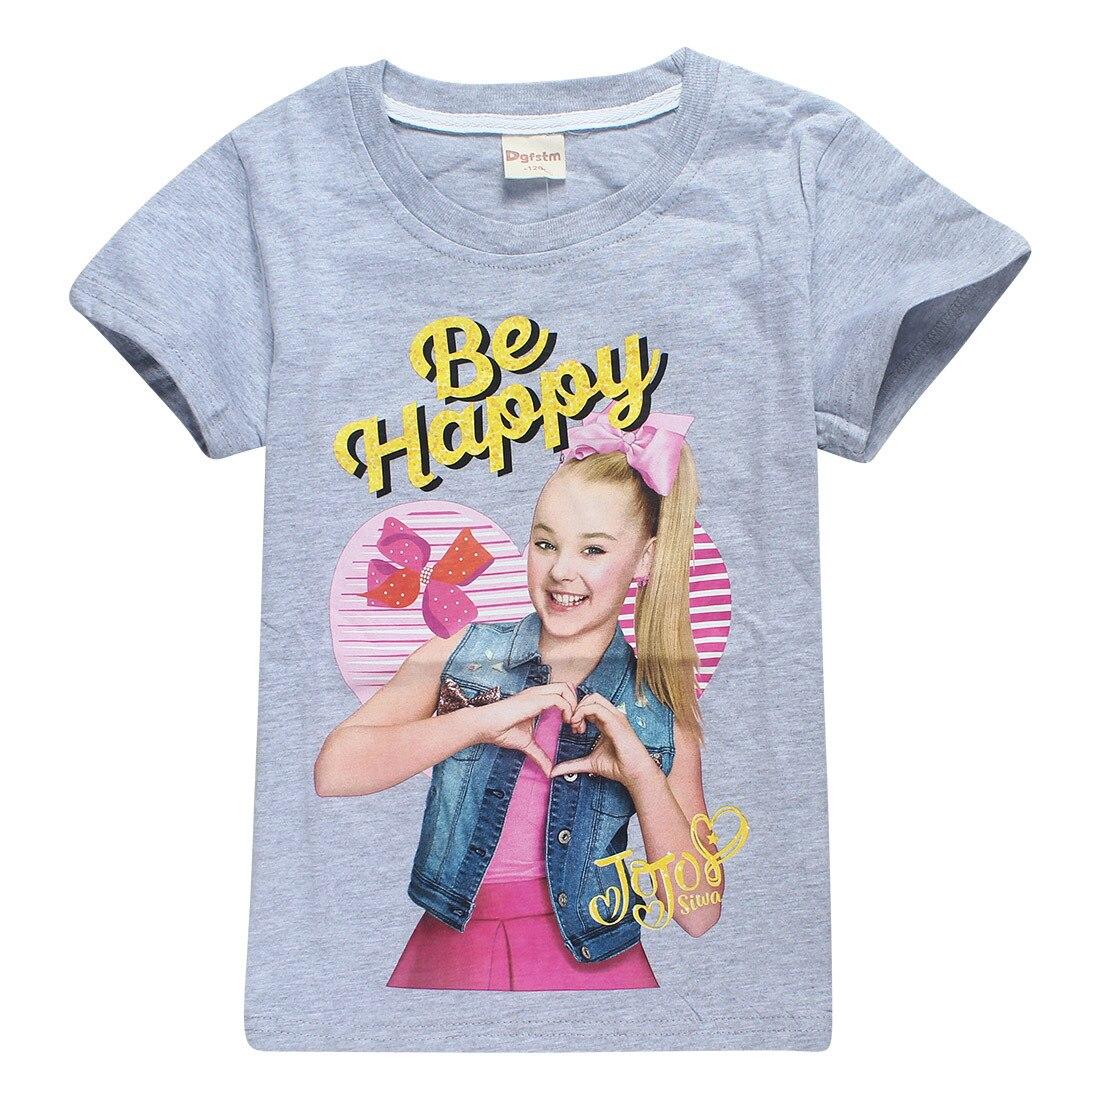 JOJO SIWA Alan Walker/детская одежда для мальчиков детские футболки с короткими рукавами футболка с принтом «Share the love» топы для девочек, футболки для